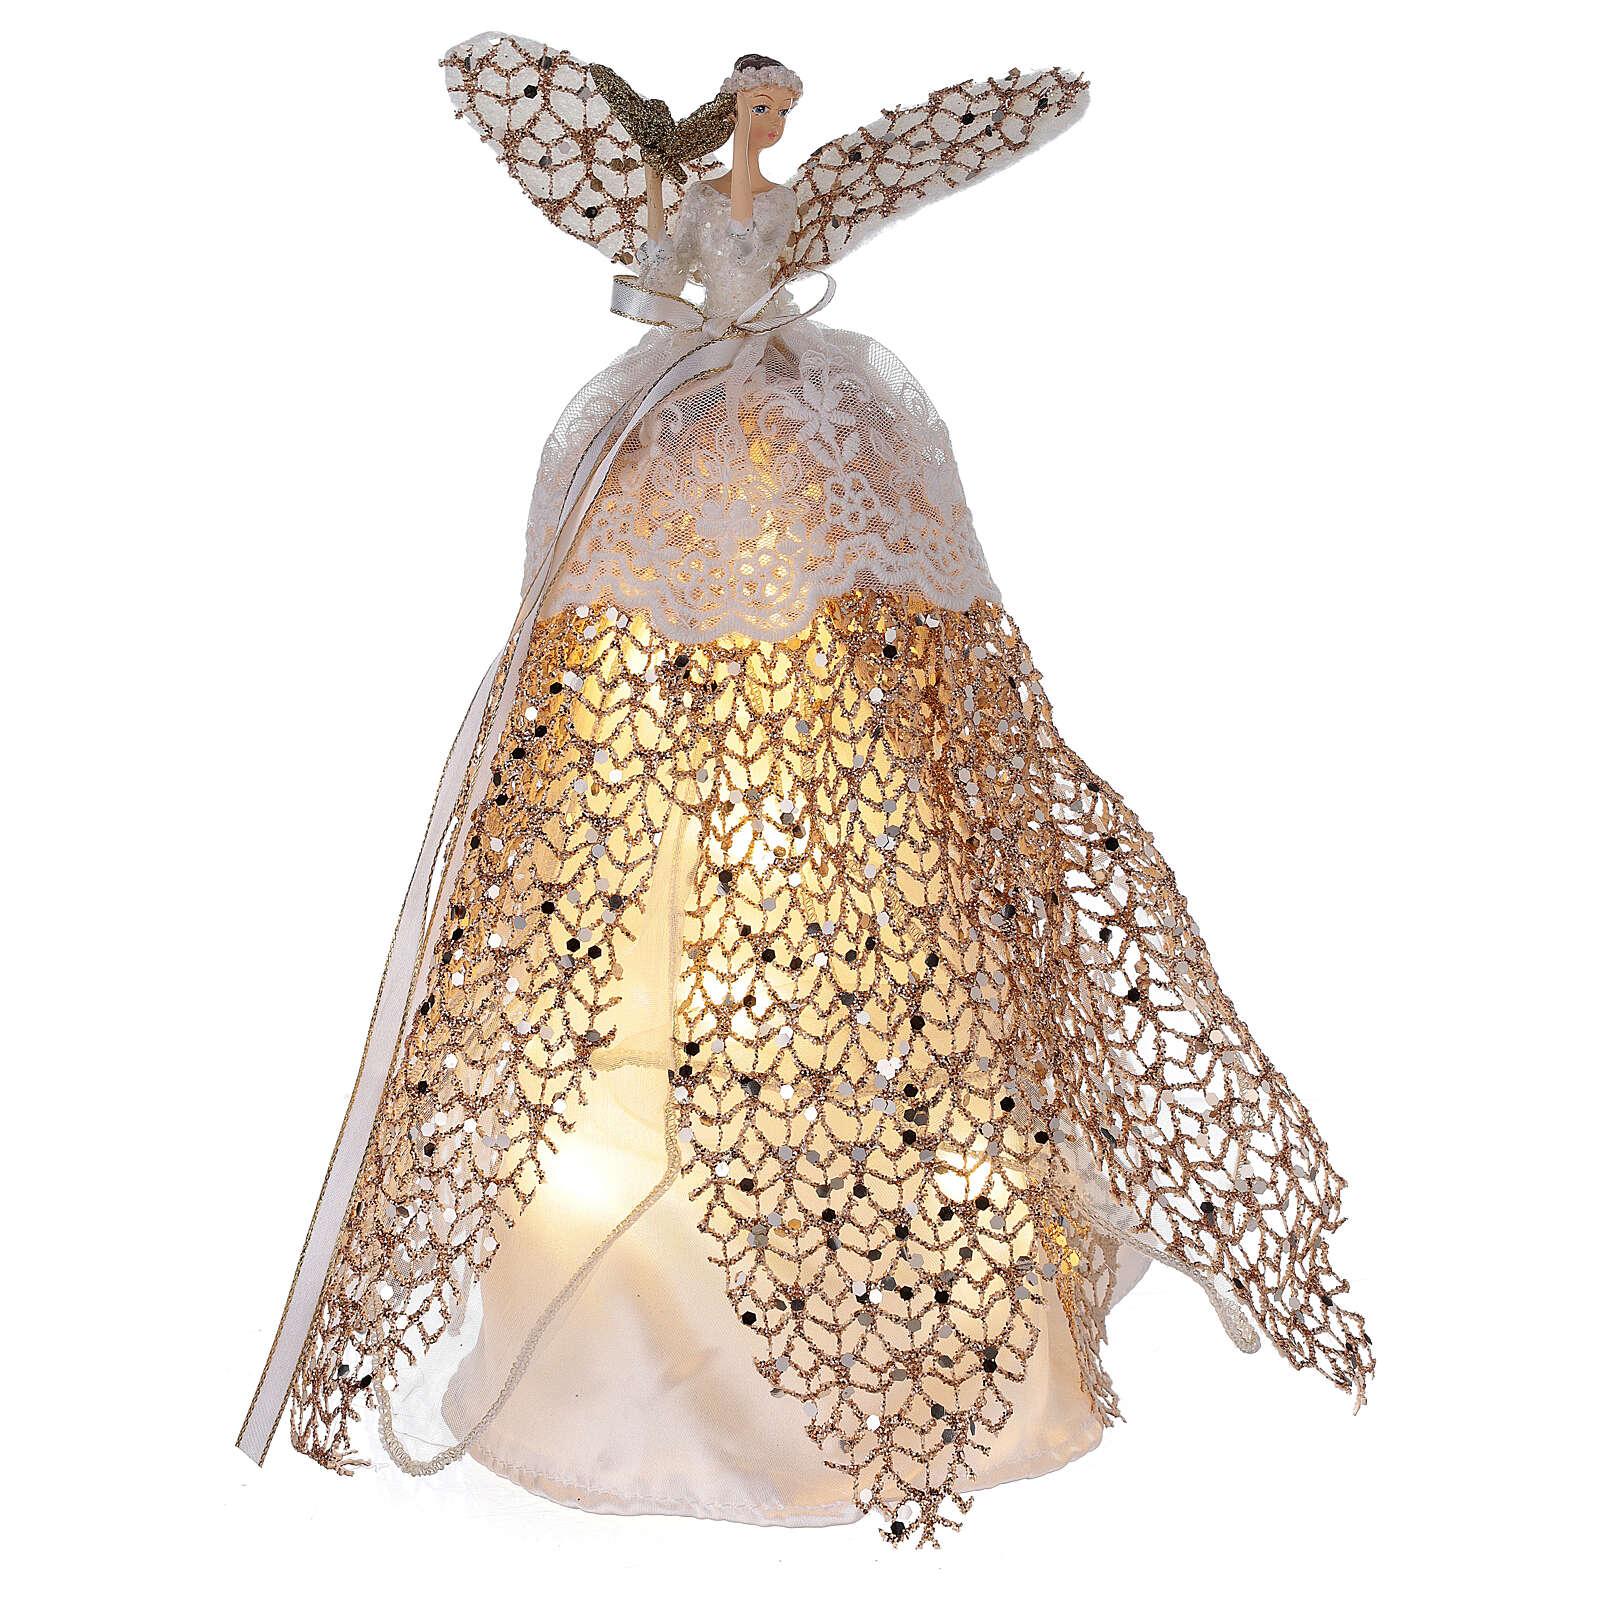 Ange de Noël cimier en résine 27 cm avec LED 3